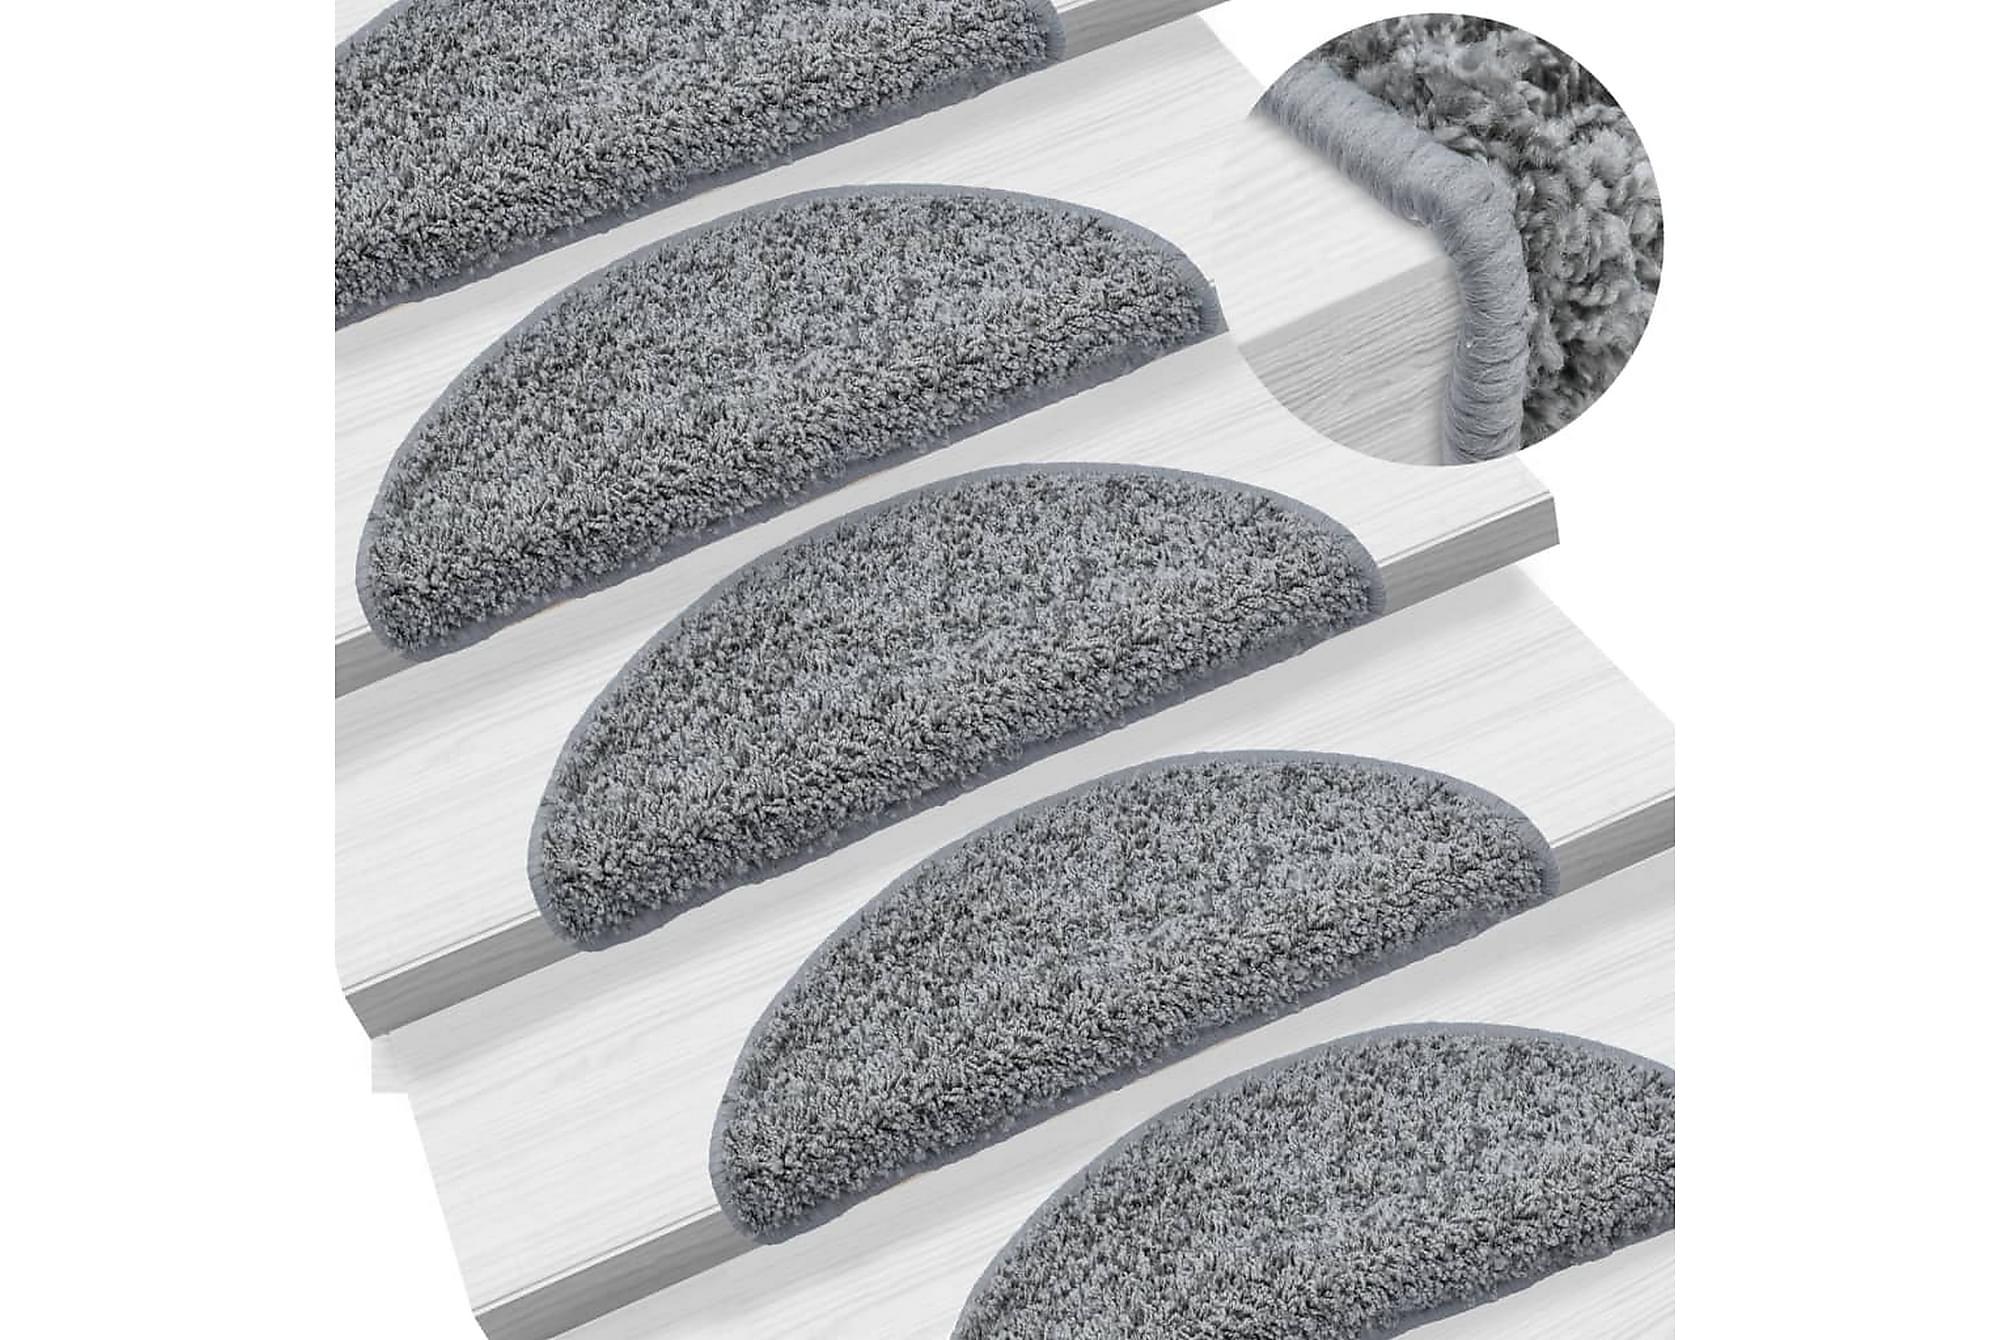 15 st Trappstegsmattor grå 56x20 cm, Trappstegsmattor